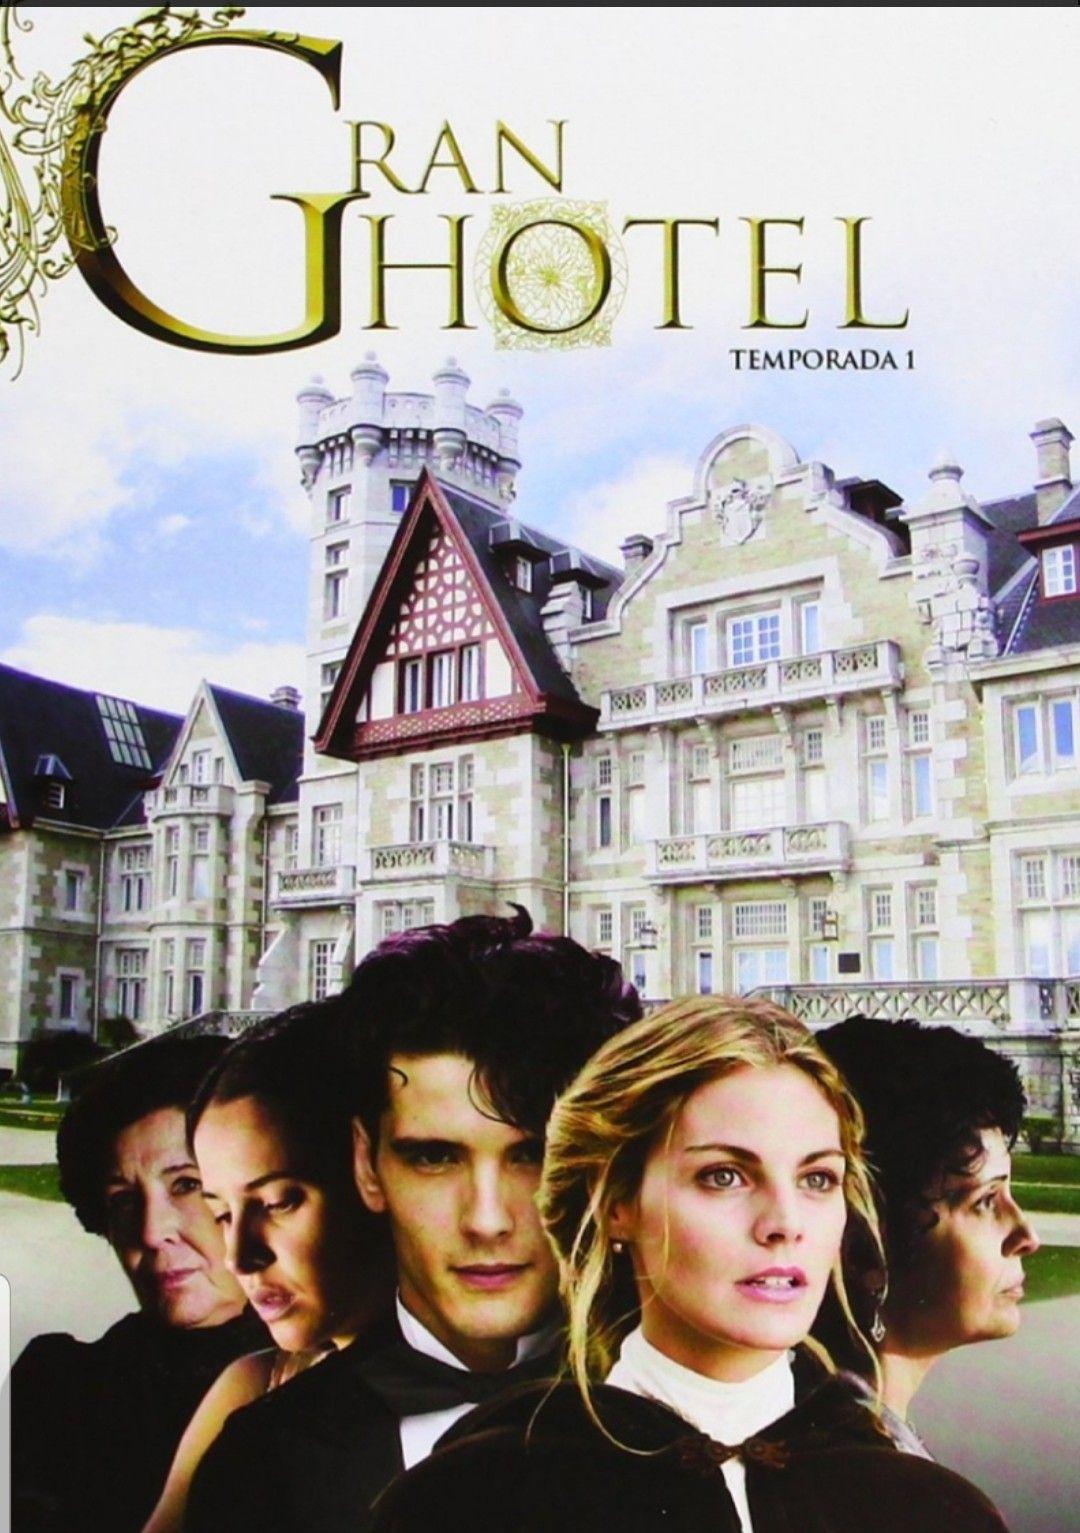 Gran Hotel (20112013) Drama SERIES. Spain film. Set in